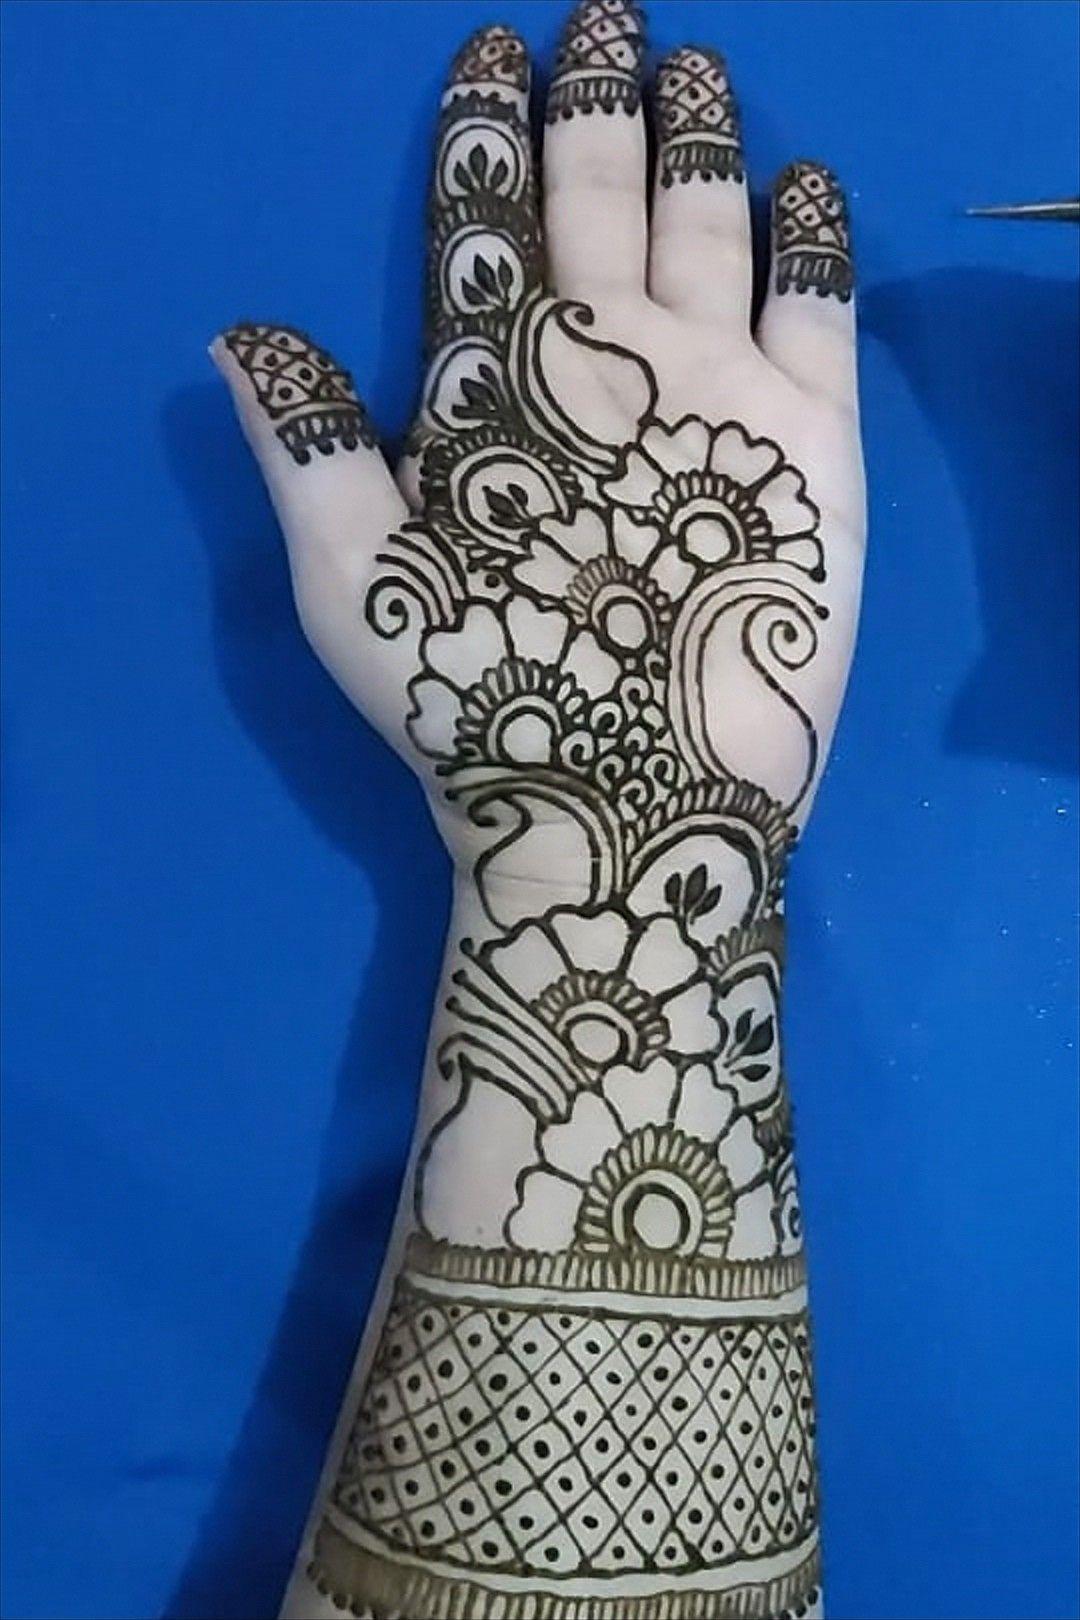 #mehndi #mehndidesigns #hennadesigns #henna #mehandi #mehendi #mehendiart #stylishmehndi #beautifulmehndi #arabicmehndi #bridalmehendi #weddinghenna #hennatattoo #hennalove #naturalhenna #shadi #mystylezone